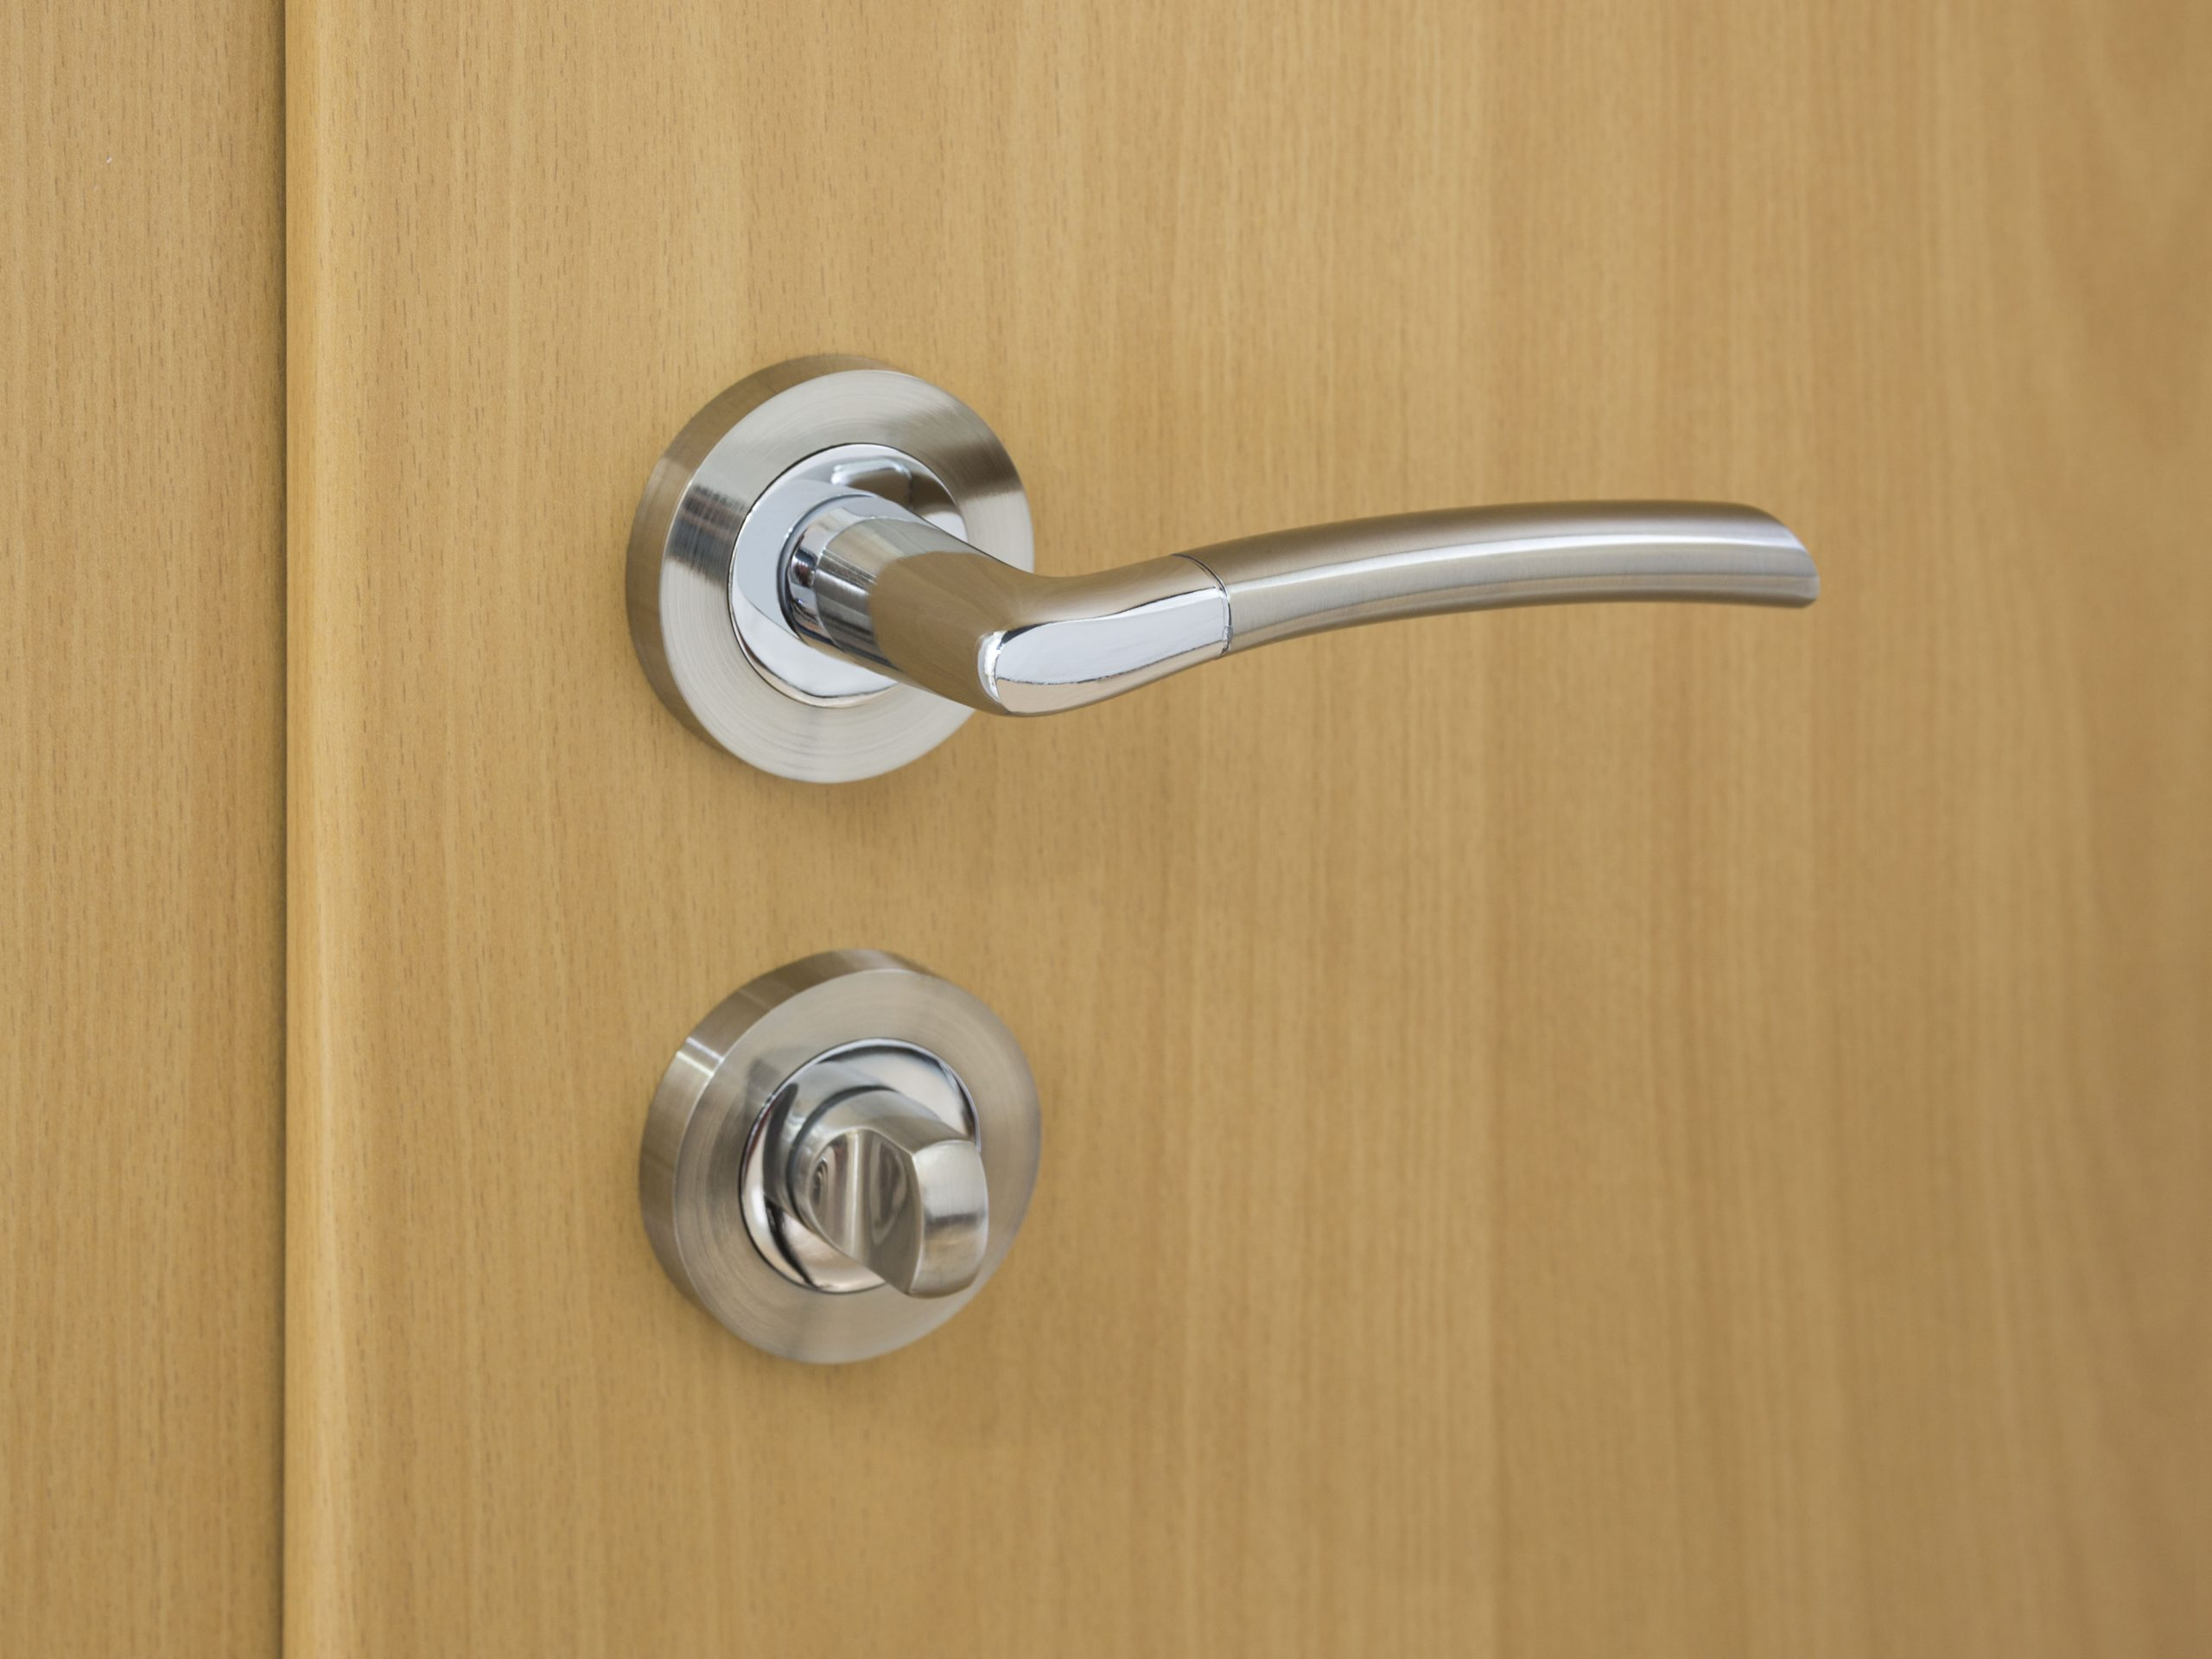 A lever door handle.